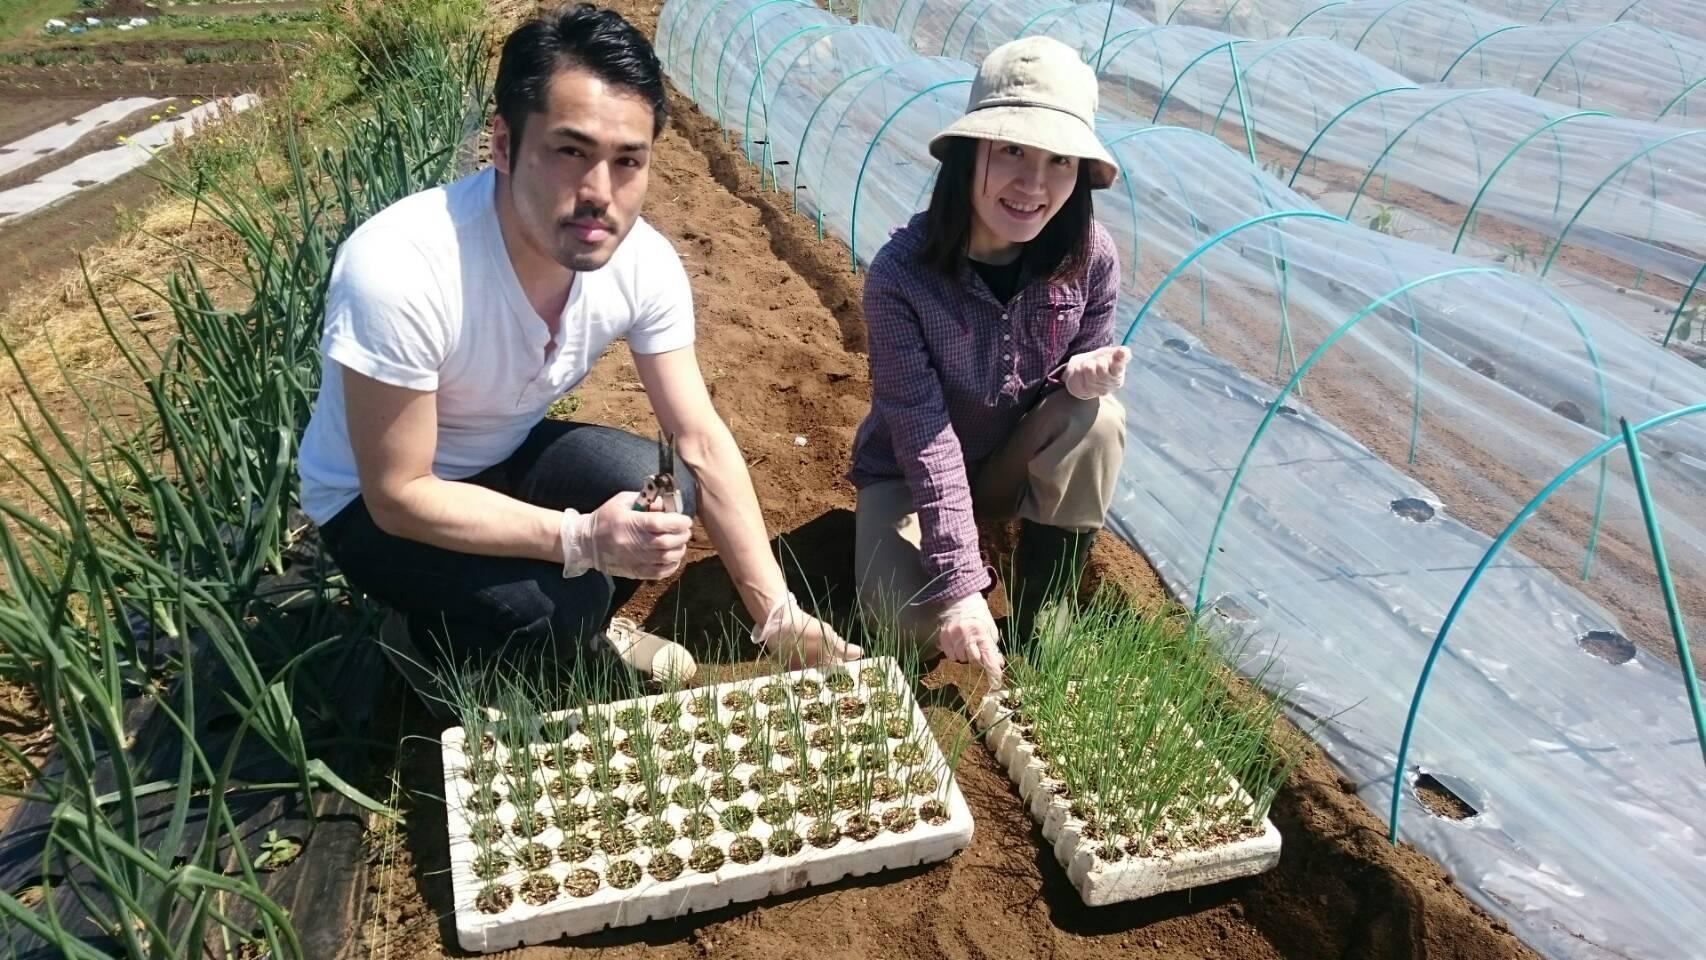 今朝は長葱とリーキの仮植です本日も沢山の畑ボランティアの方々 ありがとうございます_c0222448_11343912.jpg